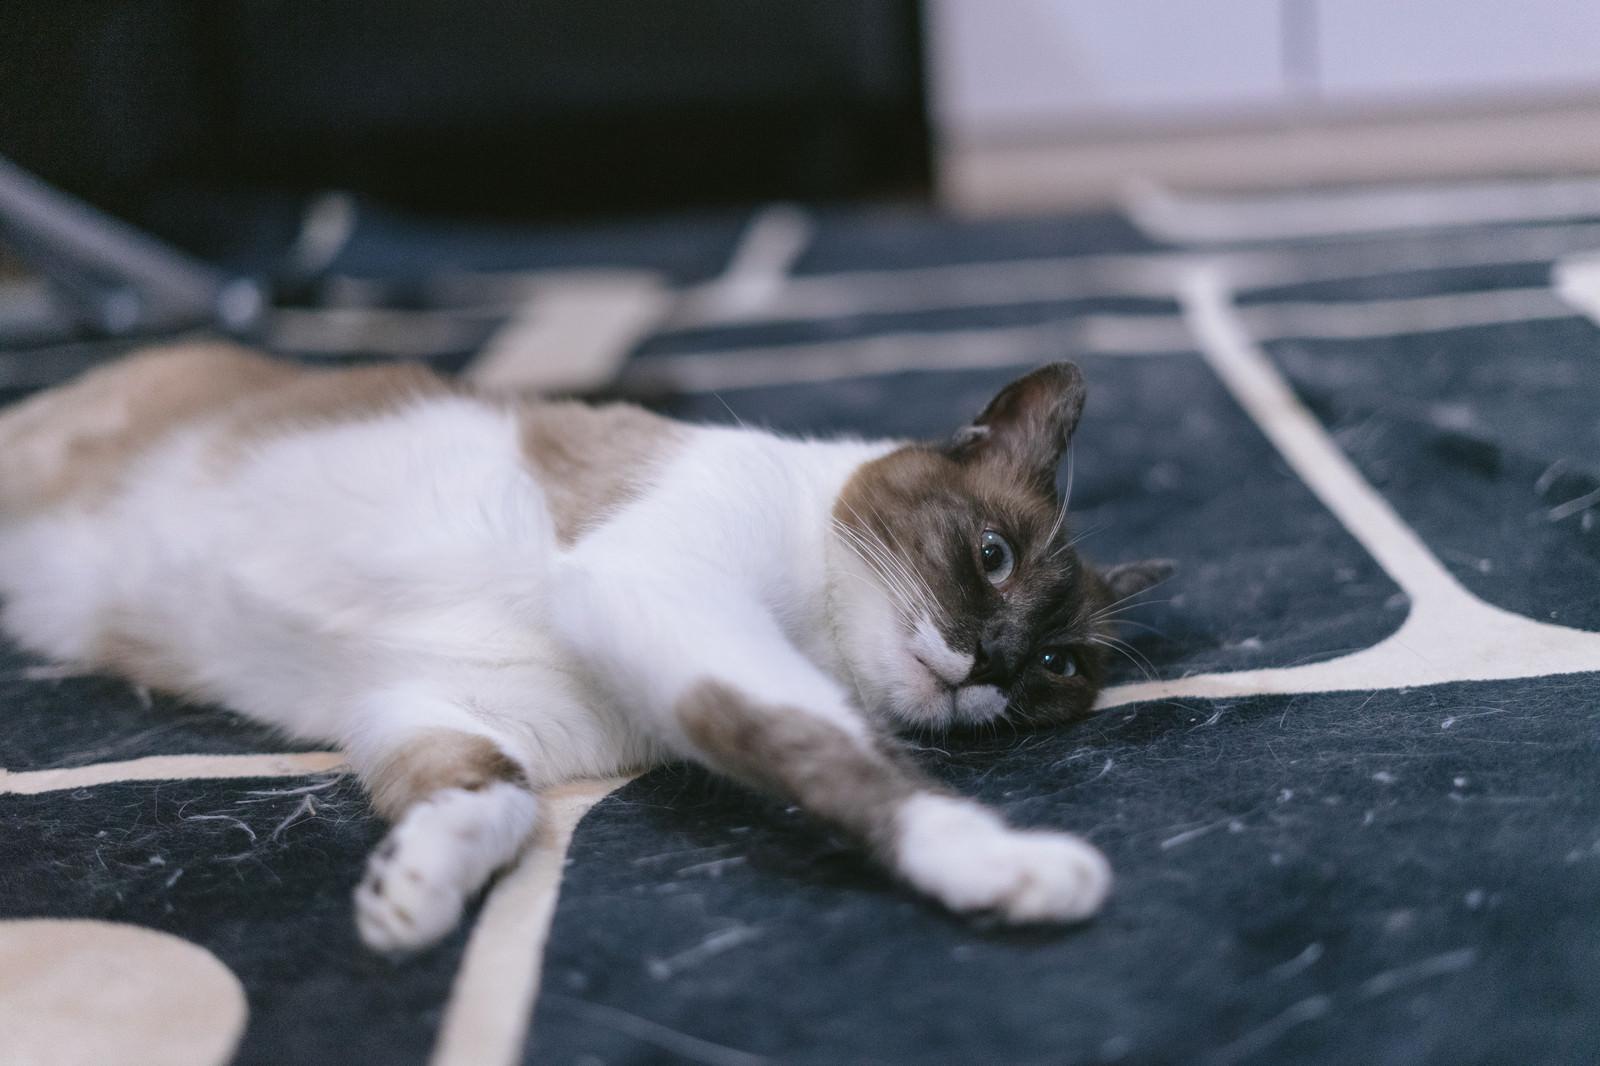 「猫だけど文句ある?」の写真